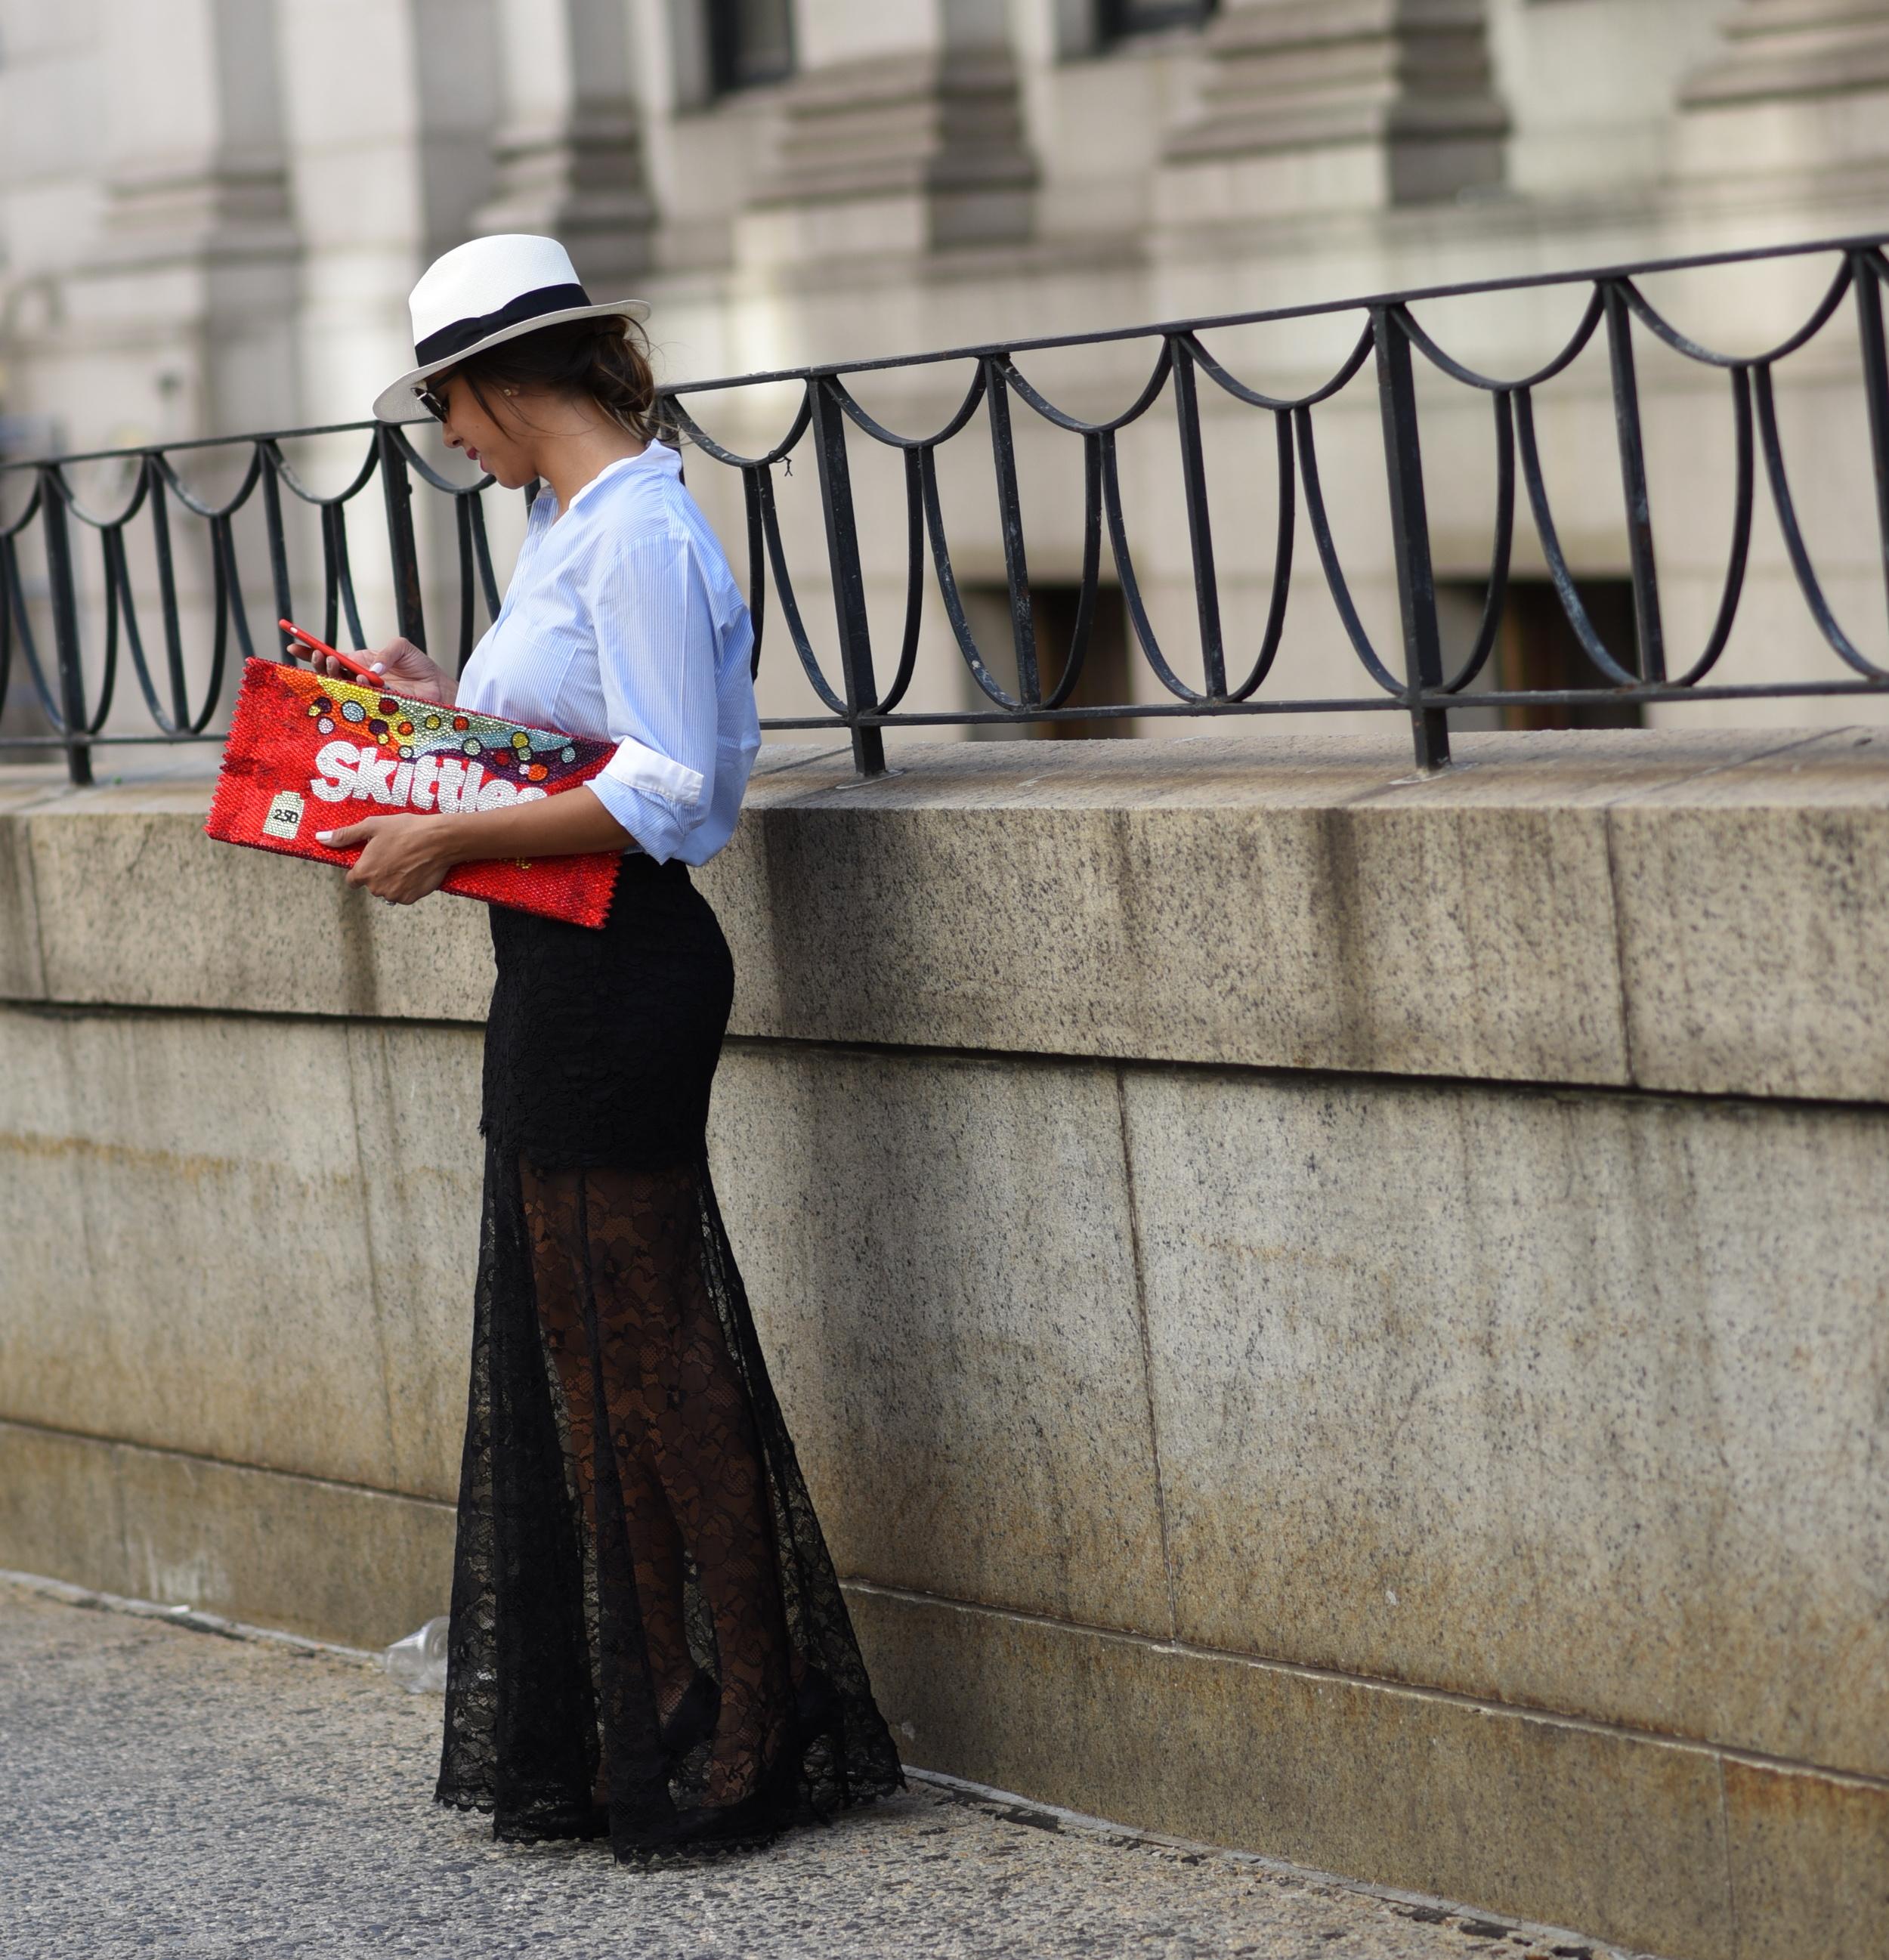 skittles-bag.jpg